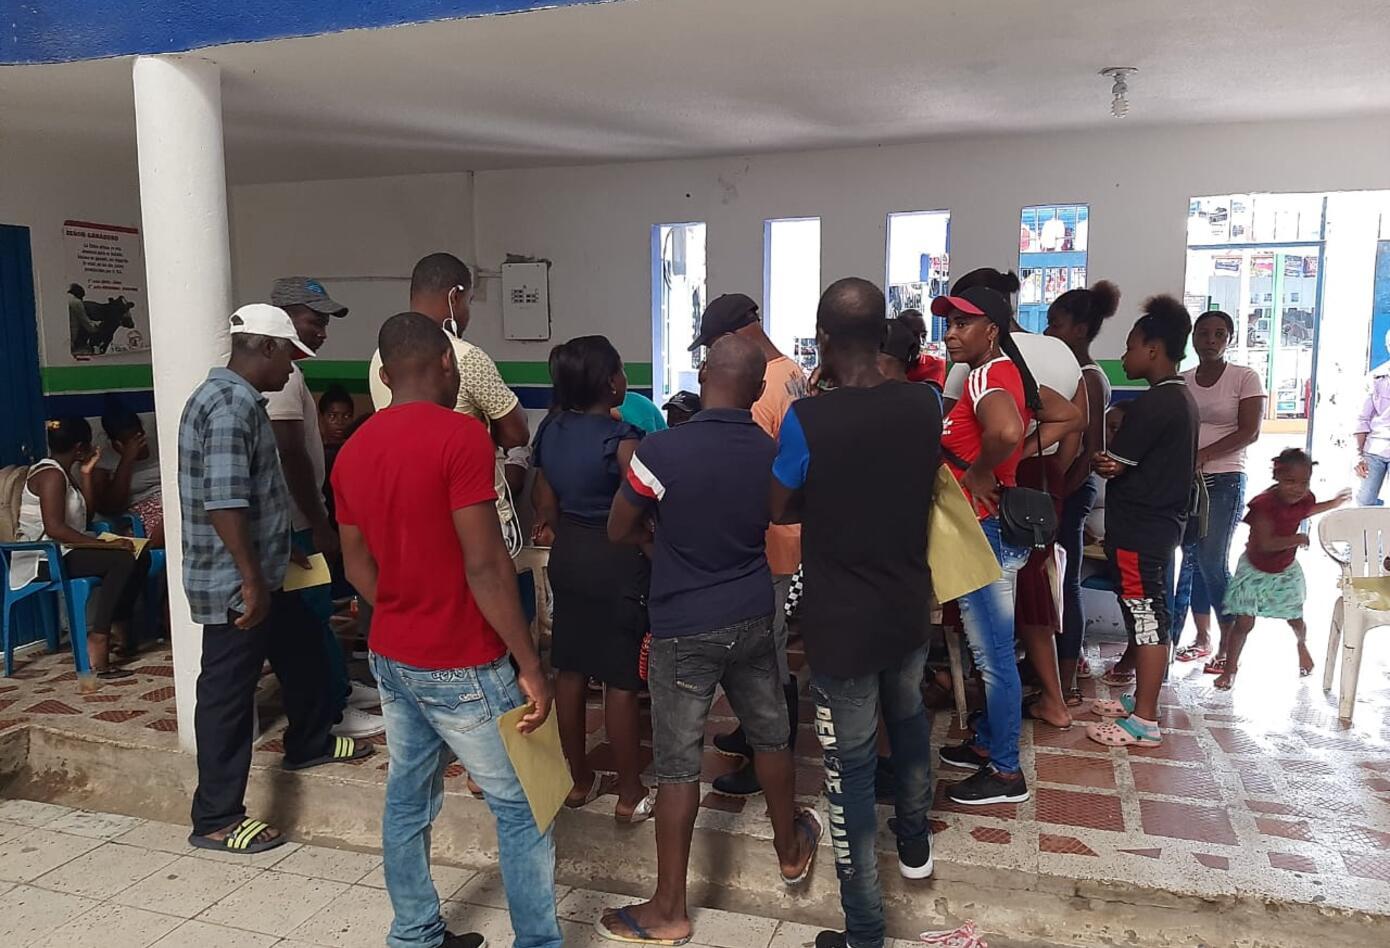 Son 2500 personas que salieron de si casas huyendo de la violencia